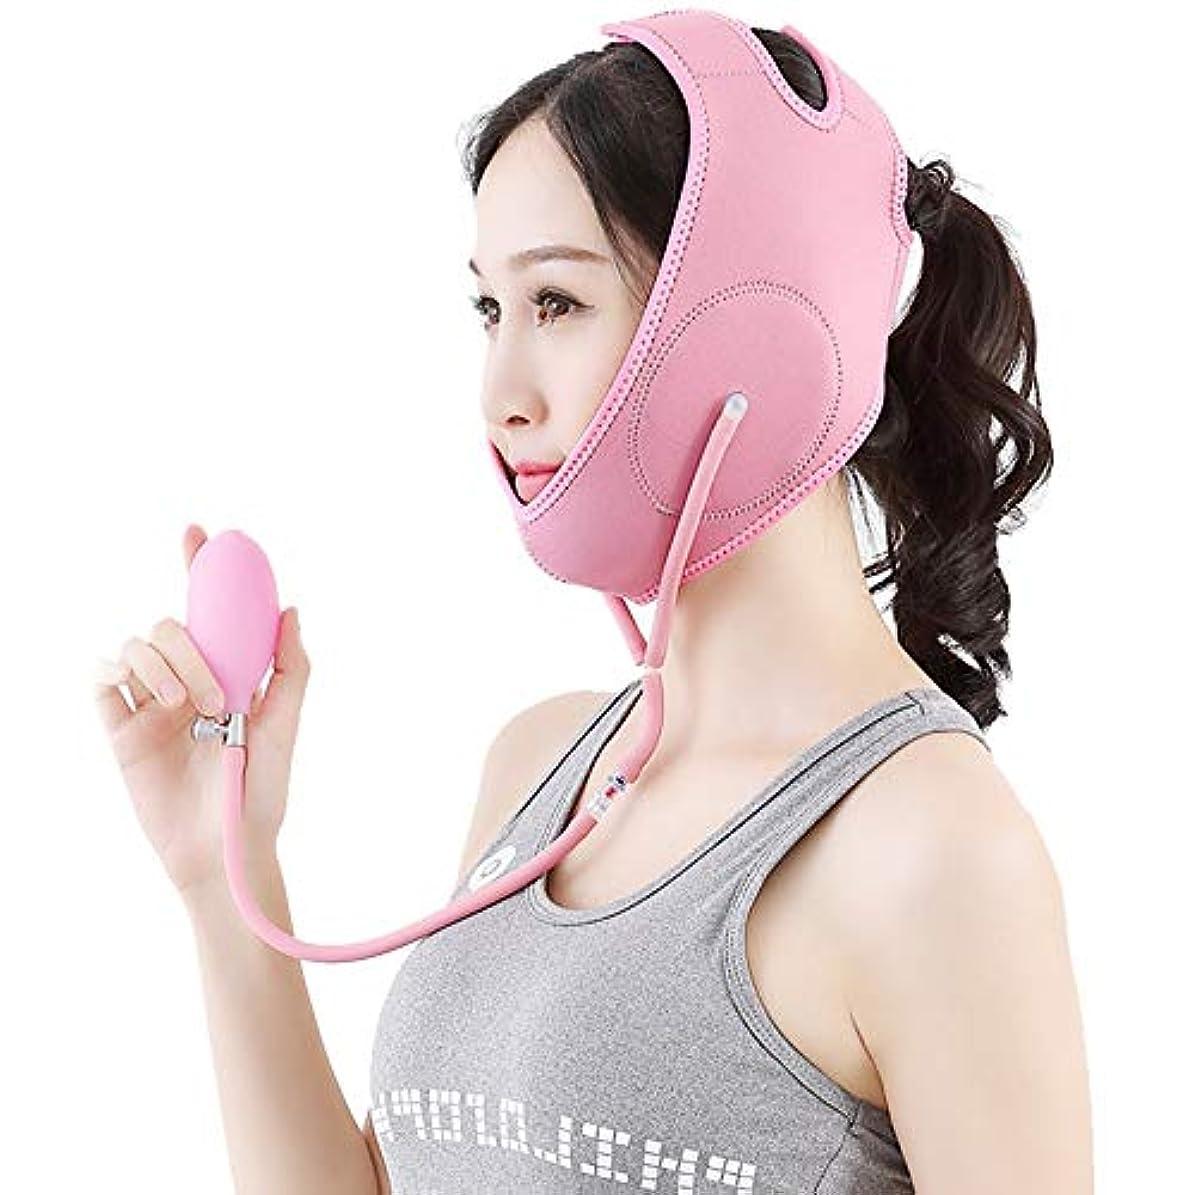 知覚的家事をするフェードXINGZHE フェイシャルリフティング痩身ベルトダブルエアバッグ圧力調整フェイス包帯マスク整形マスクが顔を引き締める フェイスリフティングベルト (色 : ピンク, サイズ さいず : M)